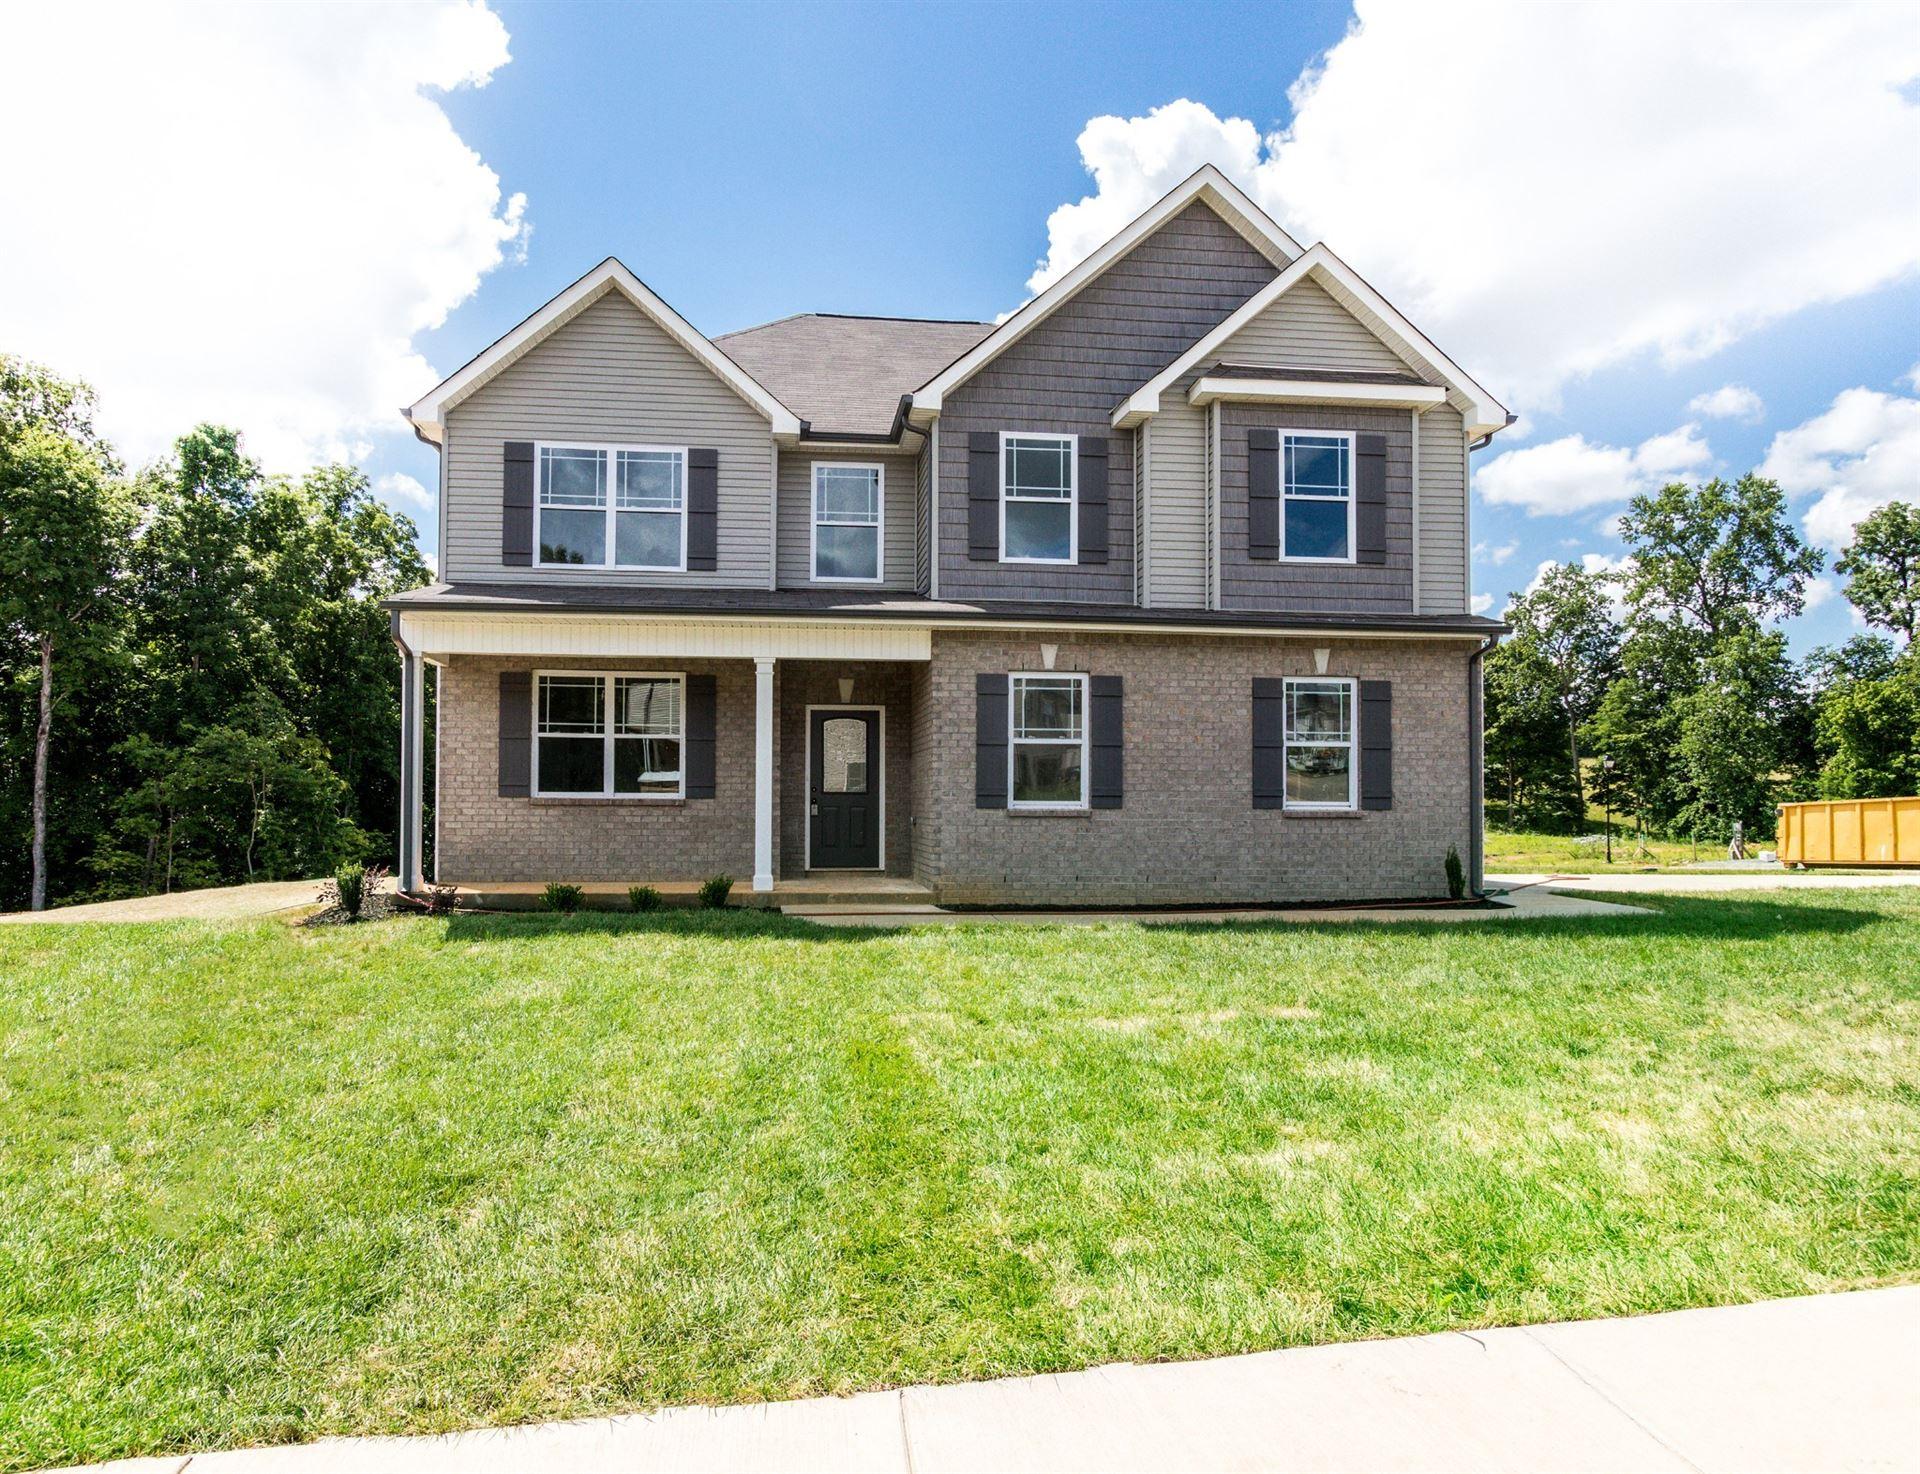 503 West Creek Farms, Clarksville, TN 37042 - MLS#: 2191286